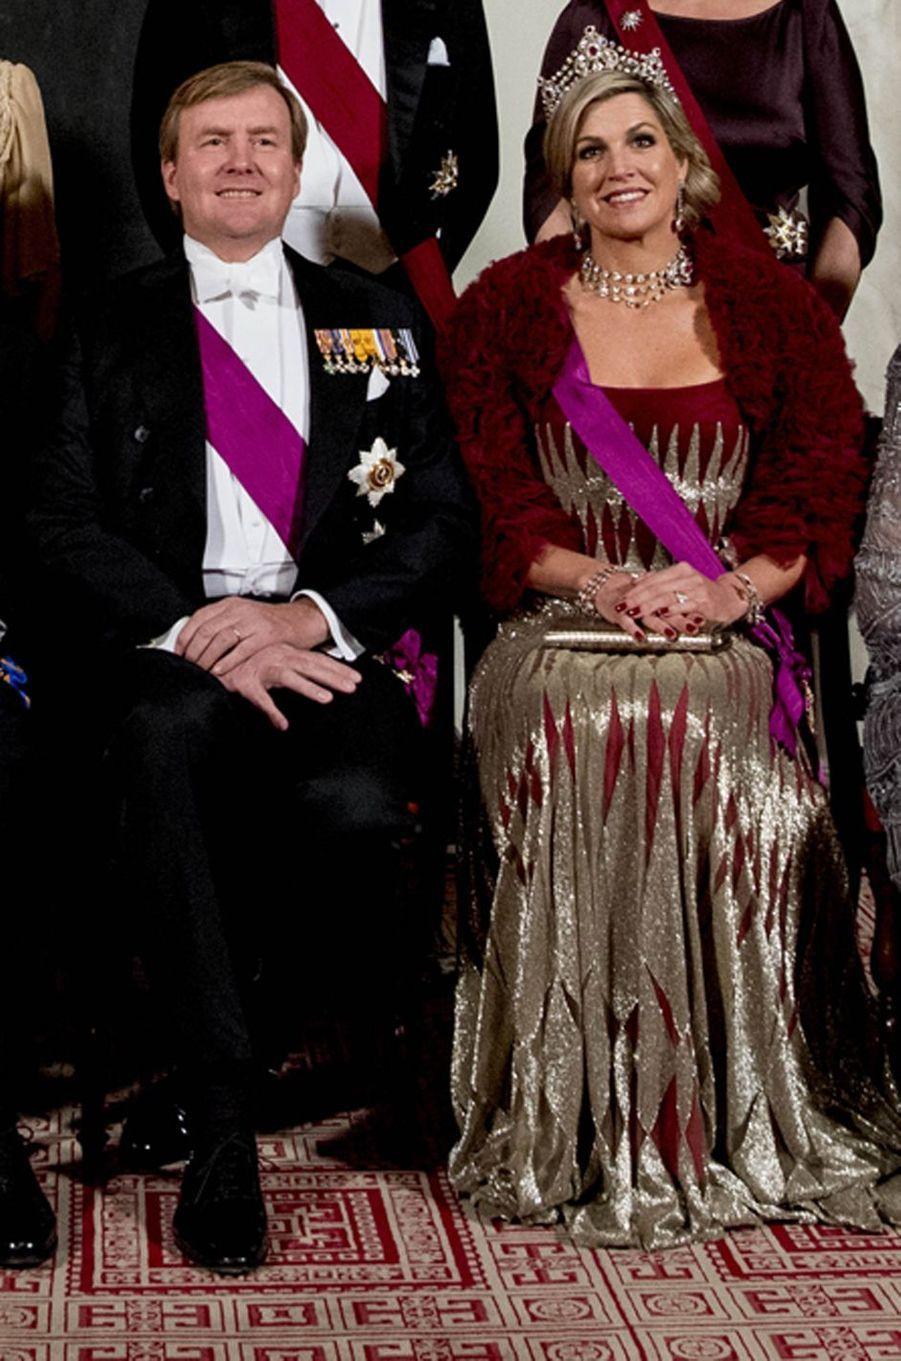 La reine Maxima des Pays-Bas dans une robe Jan Taminiau à Amsterdam, le 28 novembre 2016